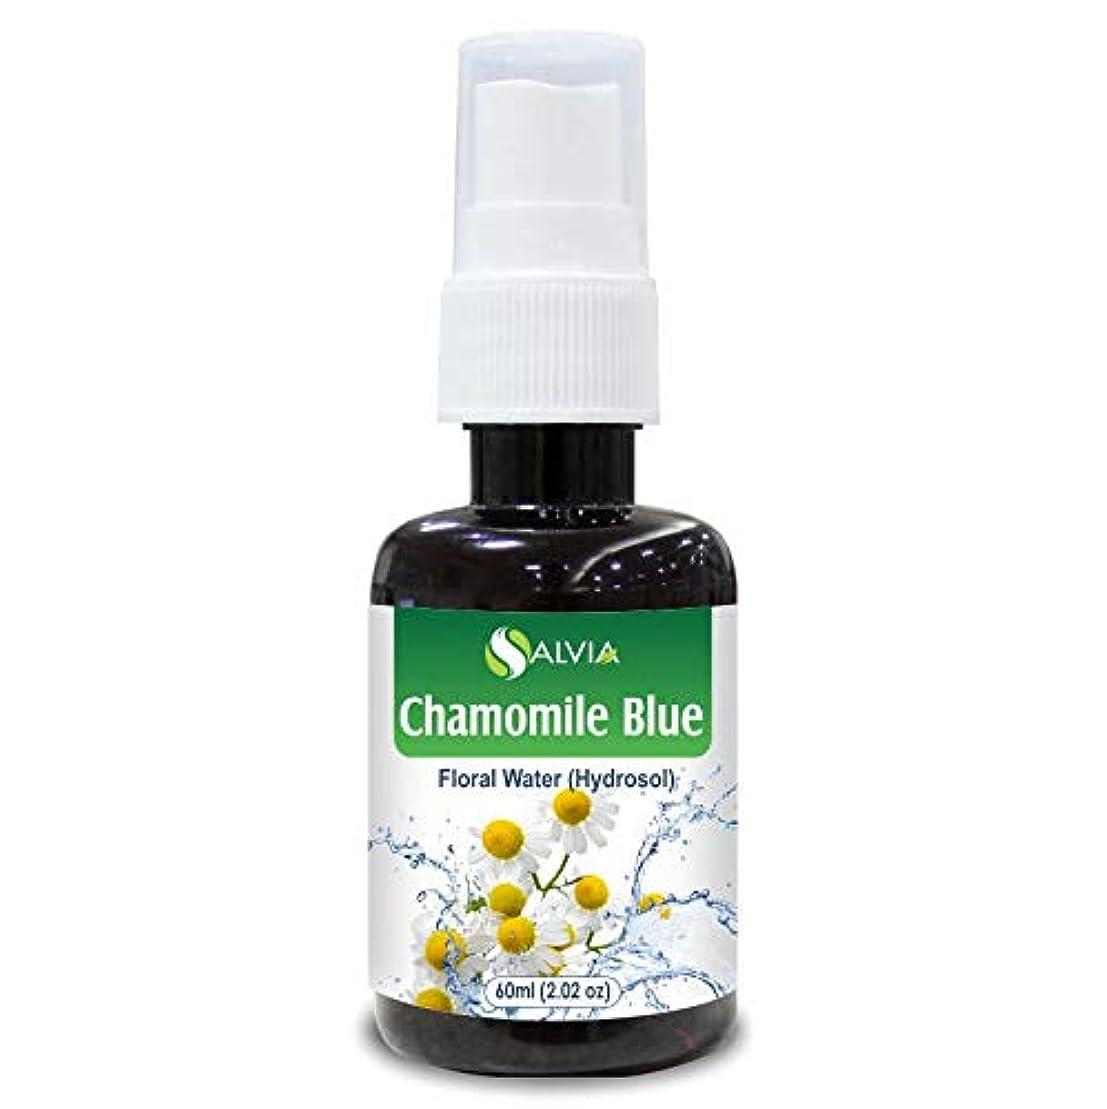 一般的な置くためにパック決定Chamomile Oil, Blue Floral Water 60ml (Hydrosol) 100% Pure And Natural